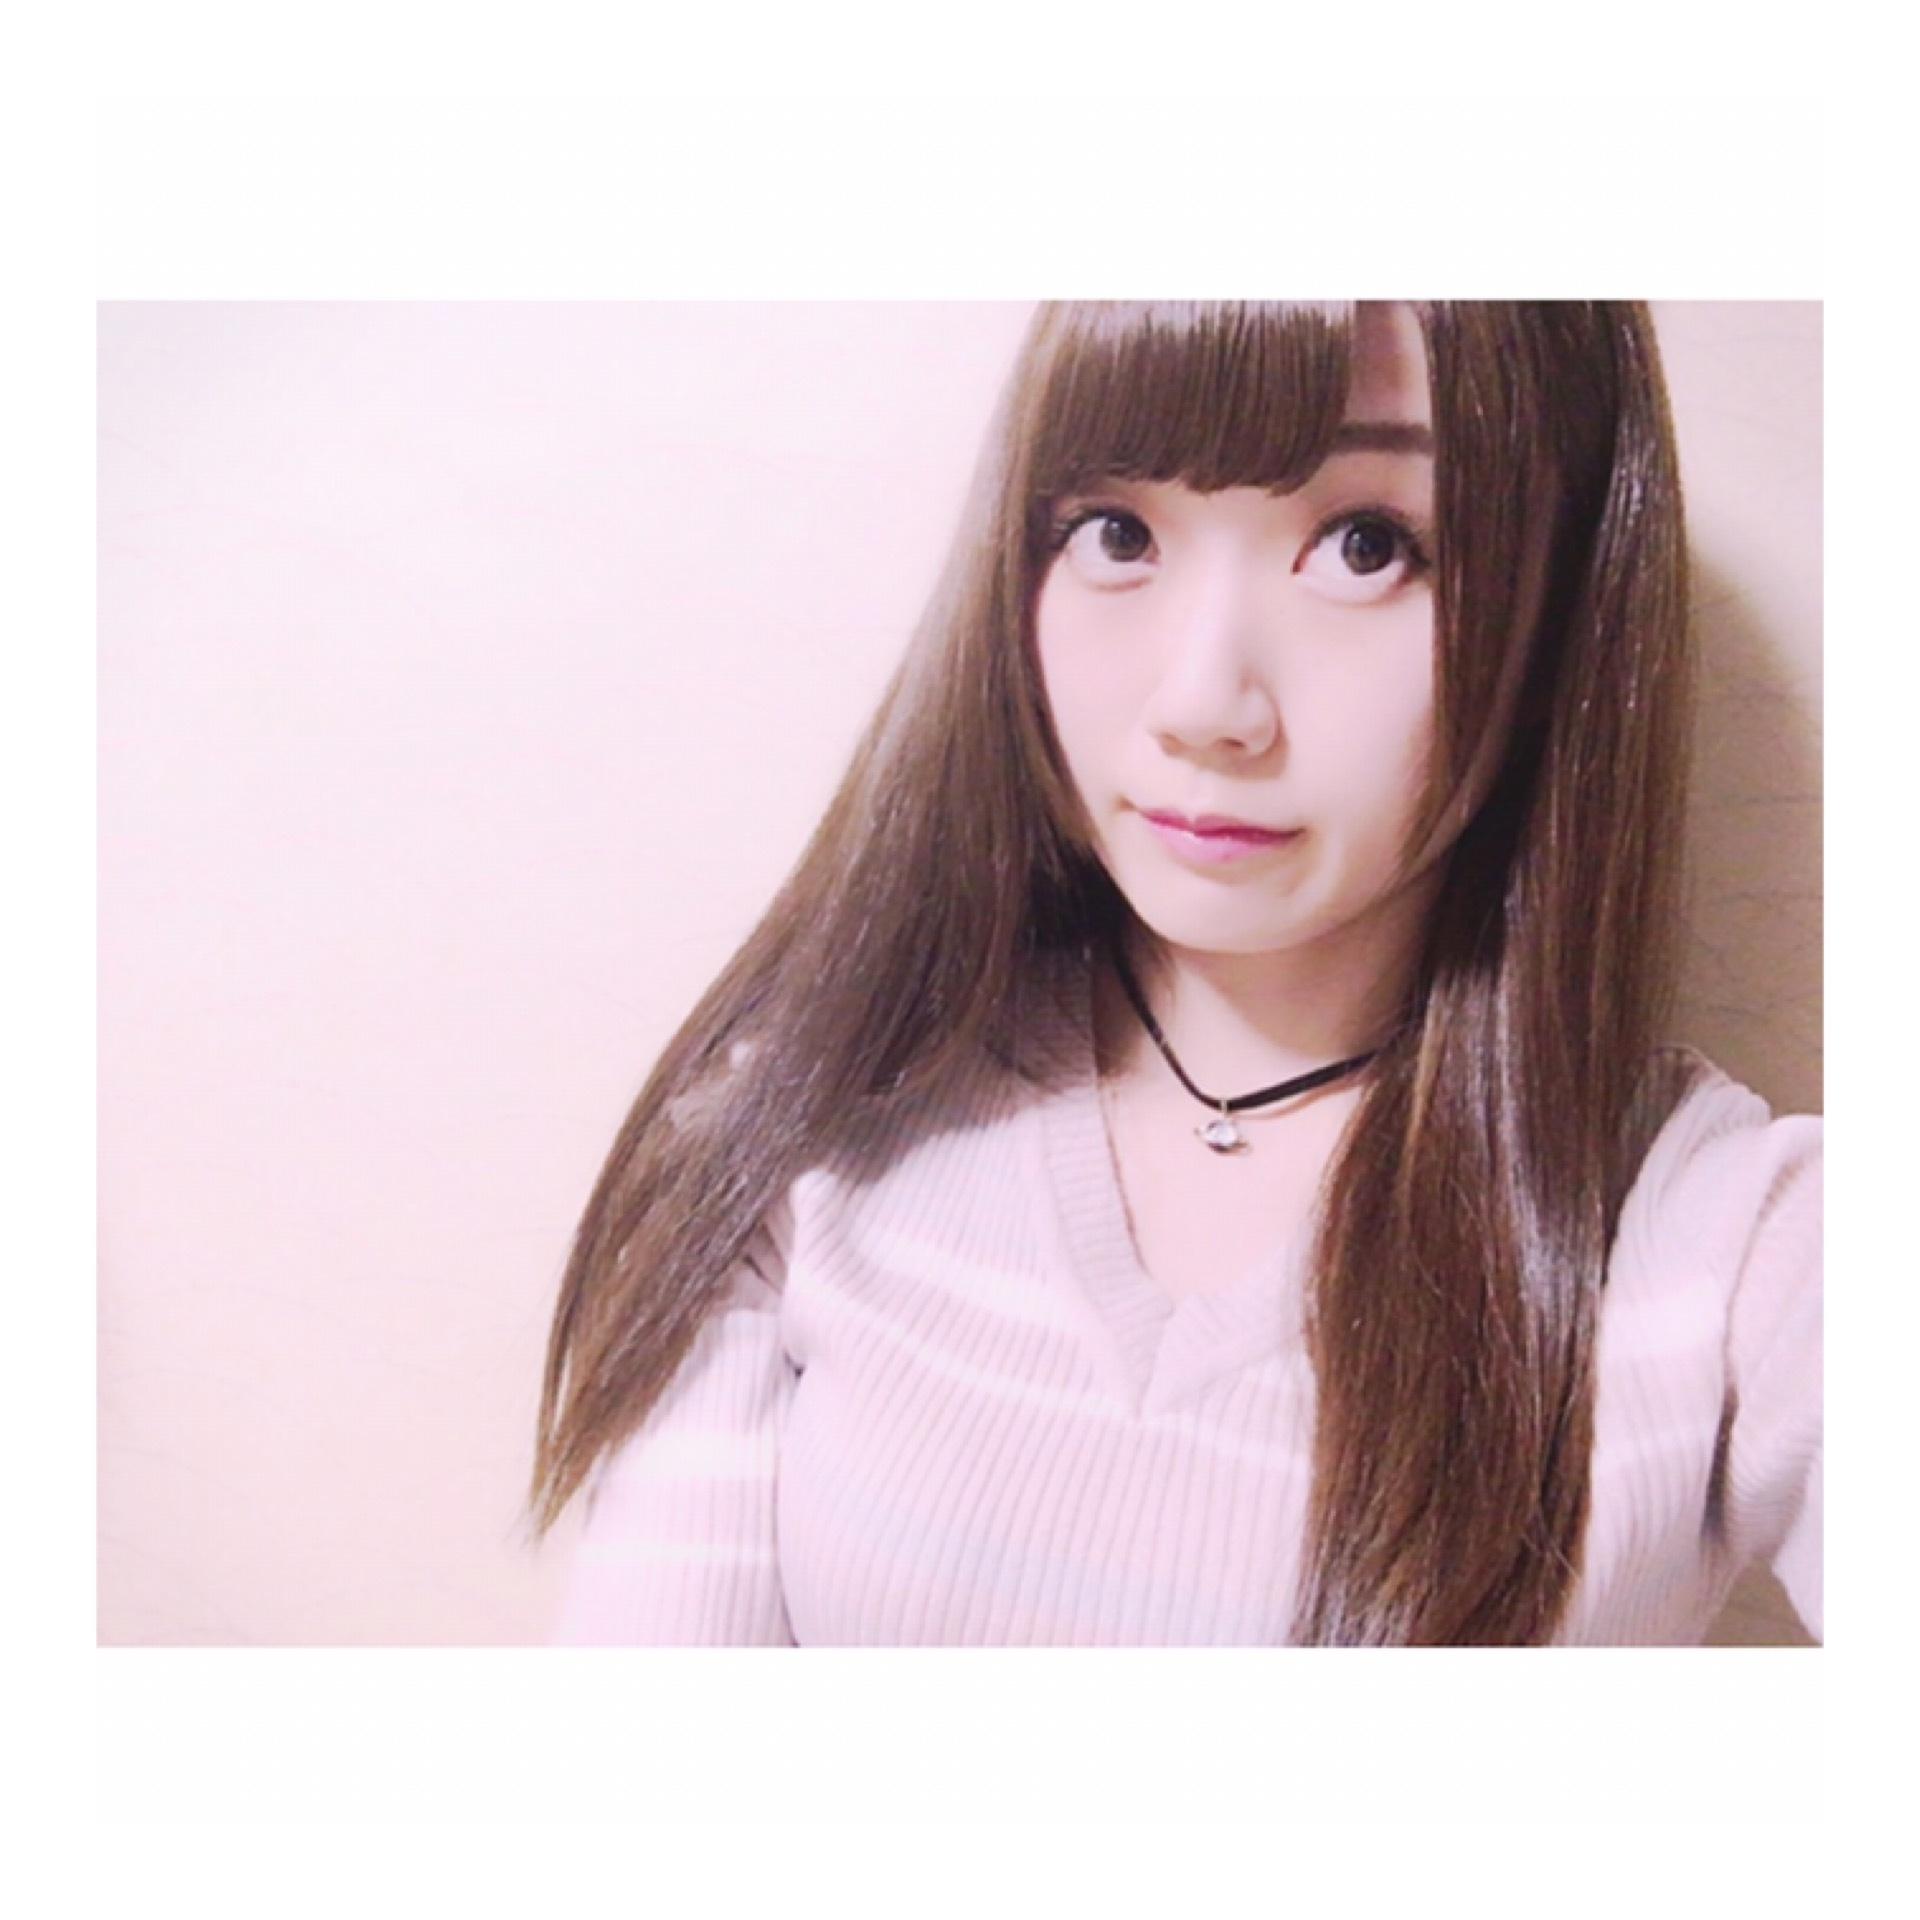 集英社♡公式ファッション通販サイト【FLAG SHOP】購入品♩2_1_1